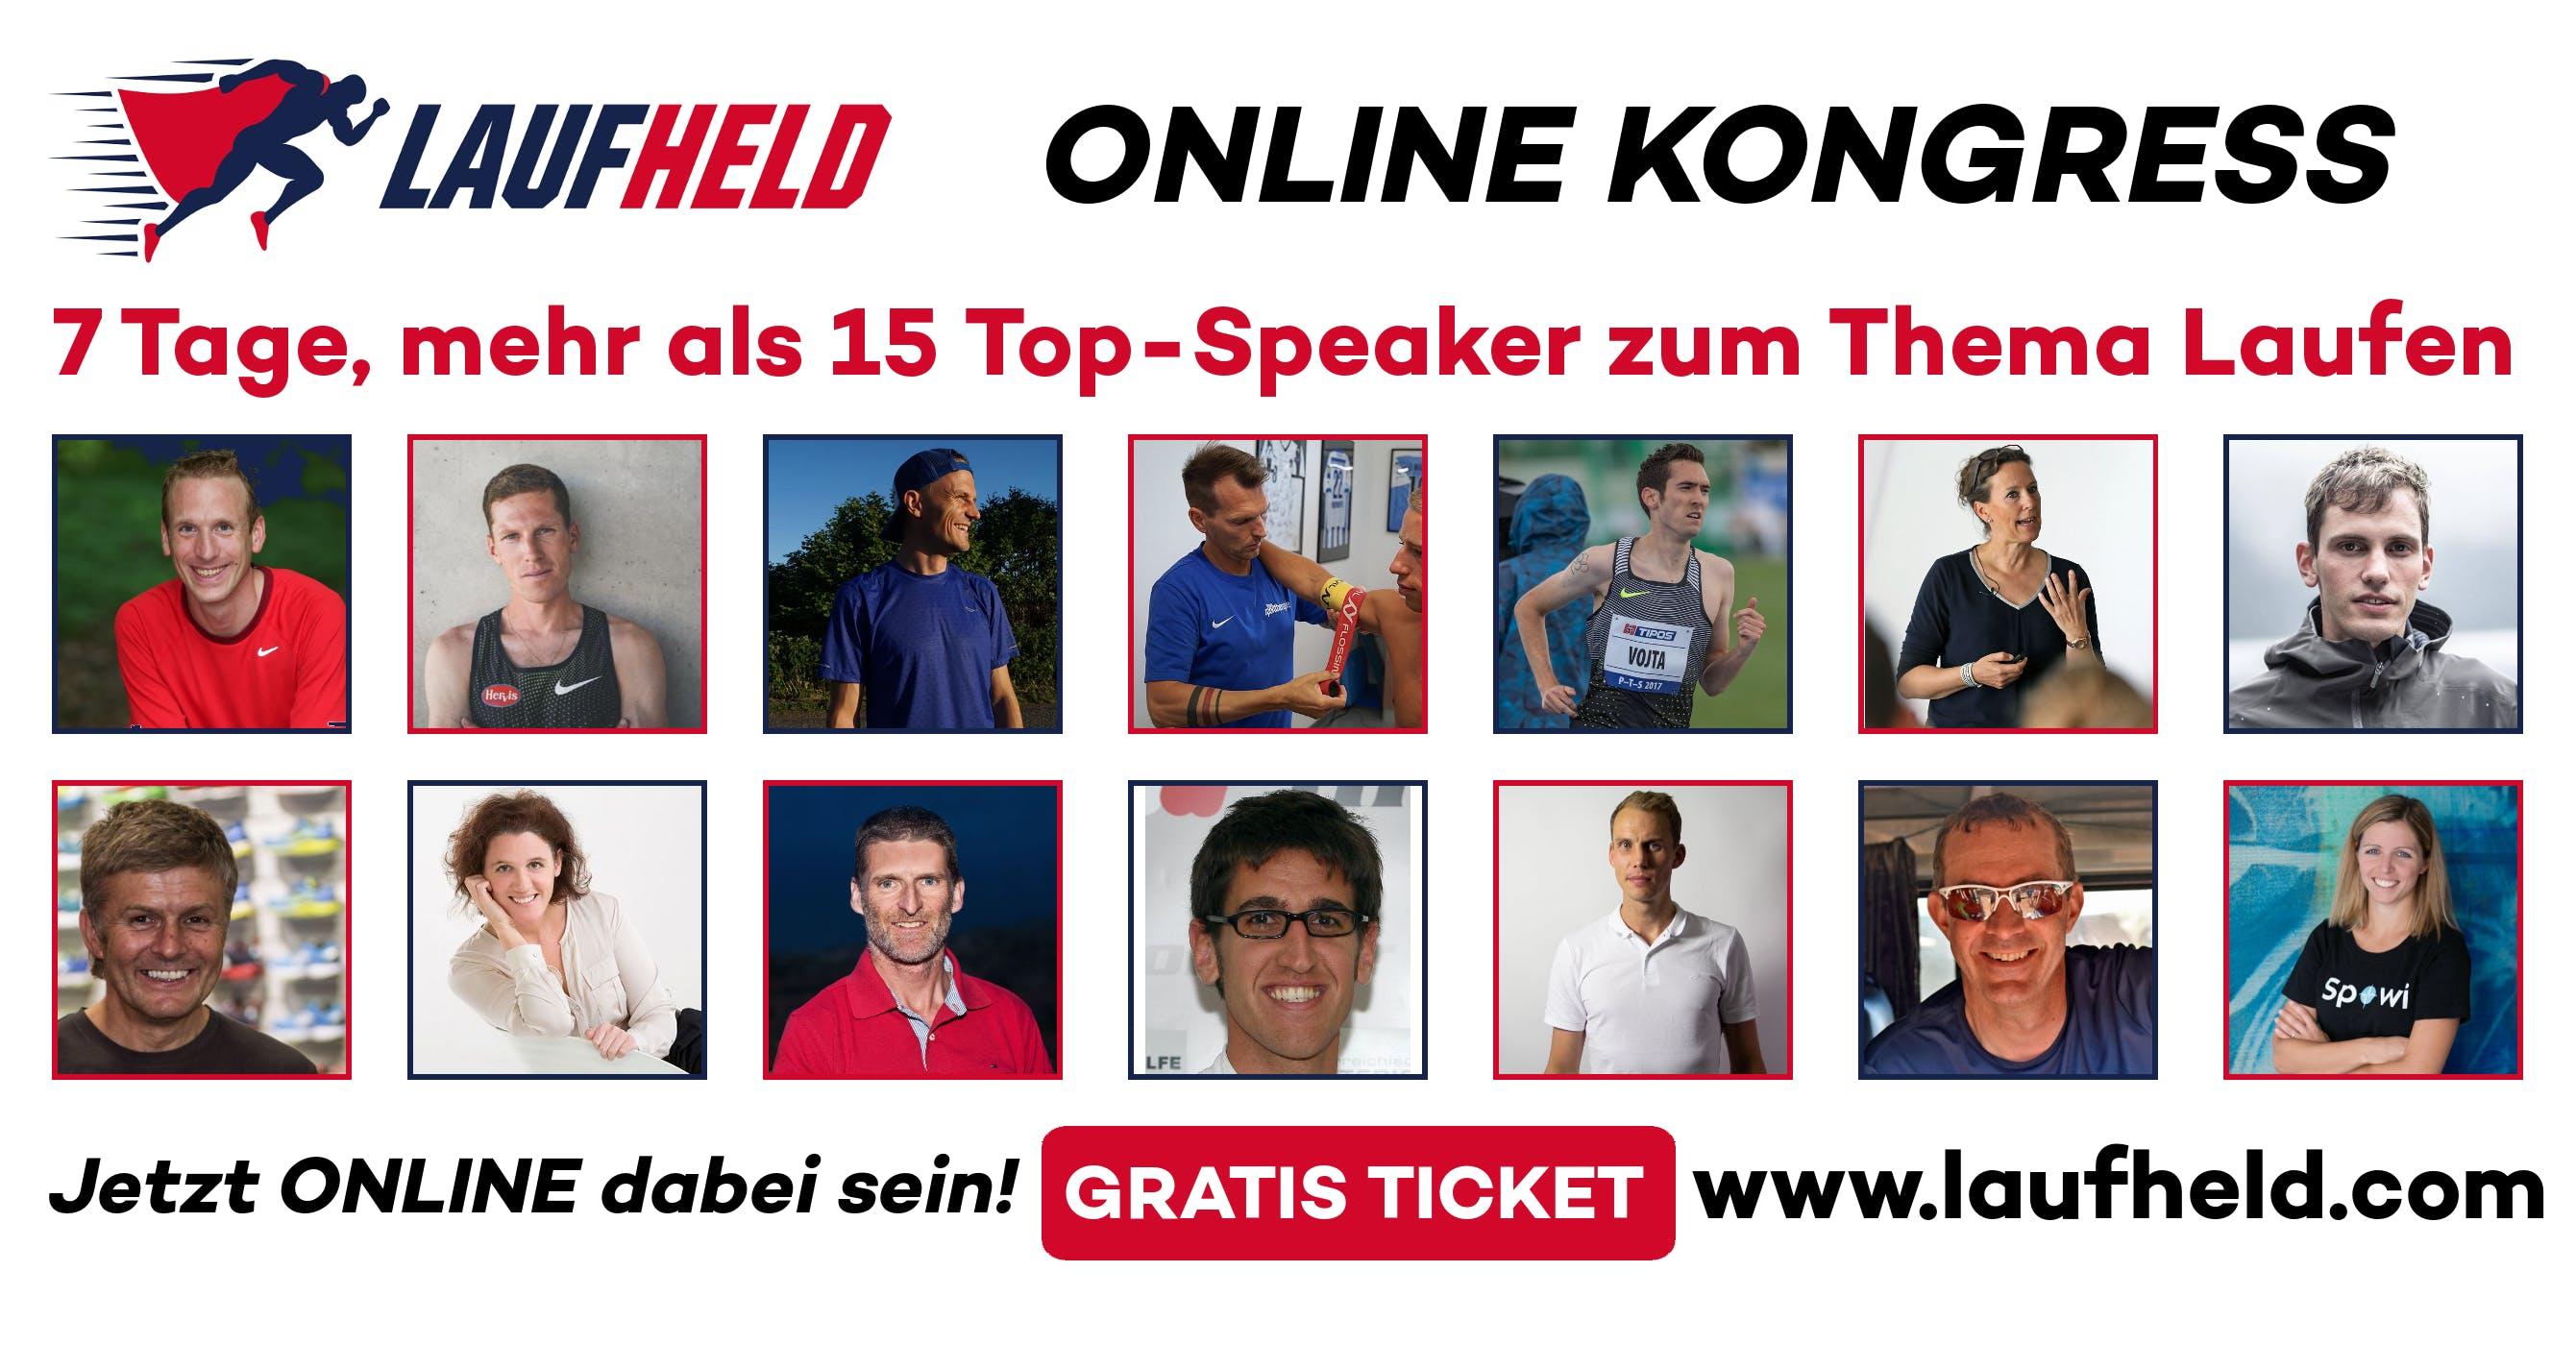 Laufheld Online Lauf-Kongress 2: Lerne in 7 Tagen von Top-Lauf-Experten (Basel)